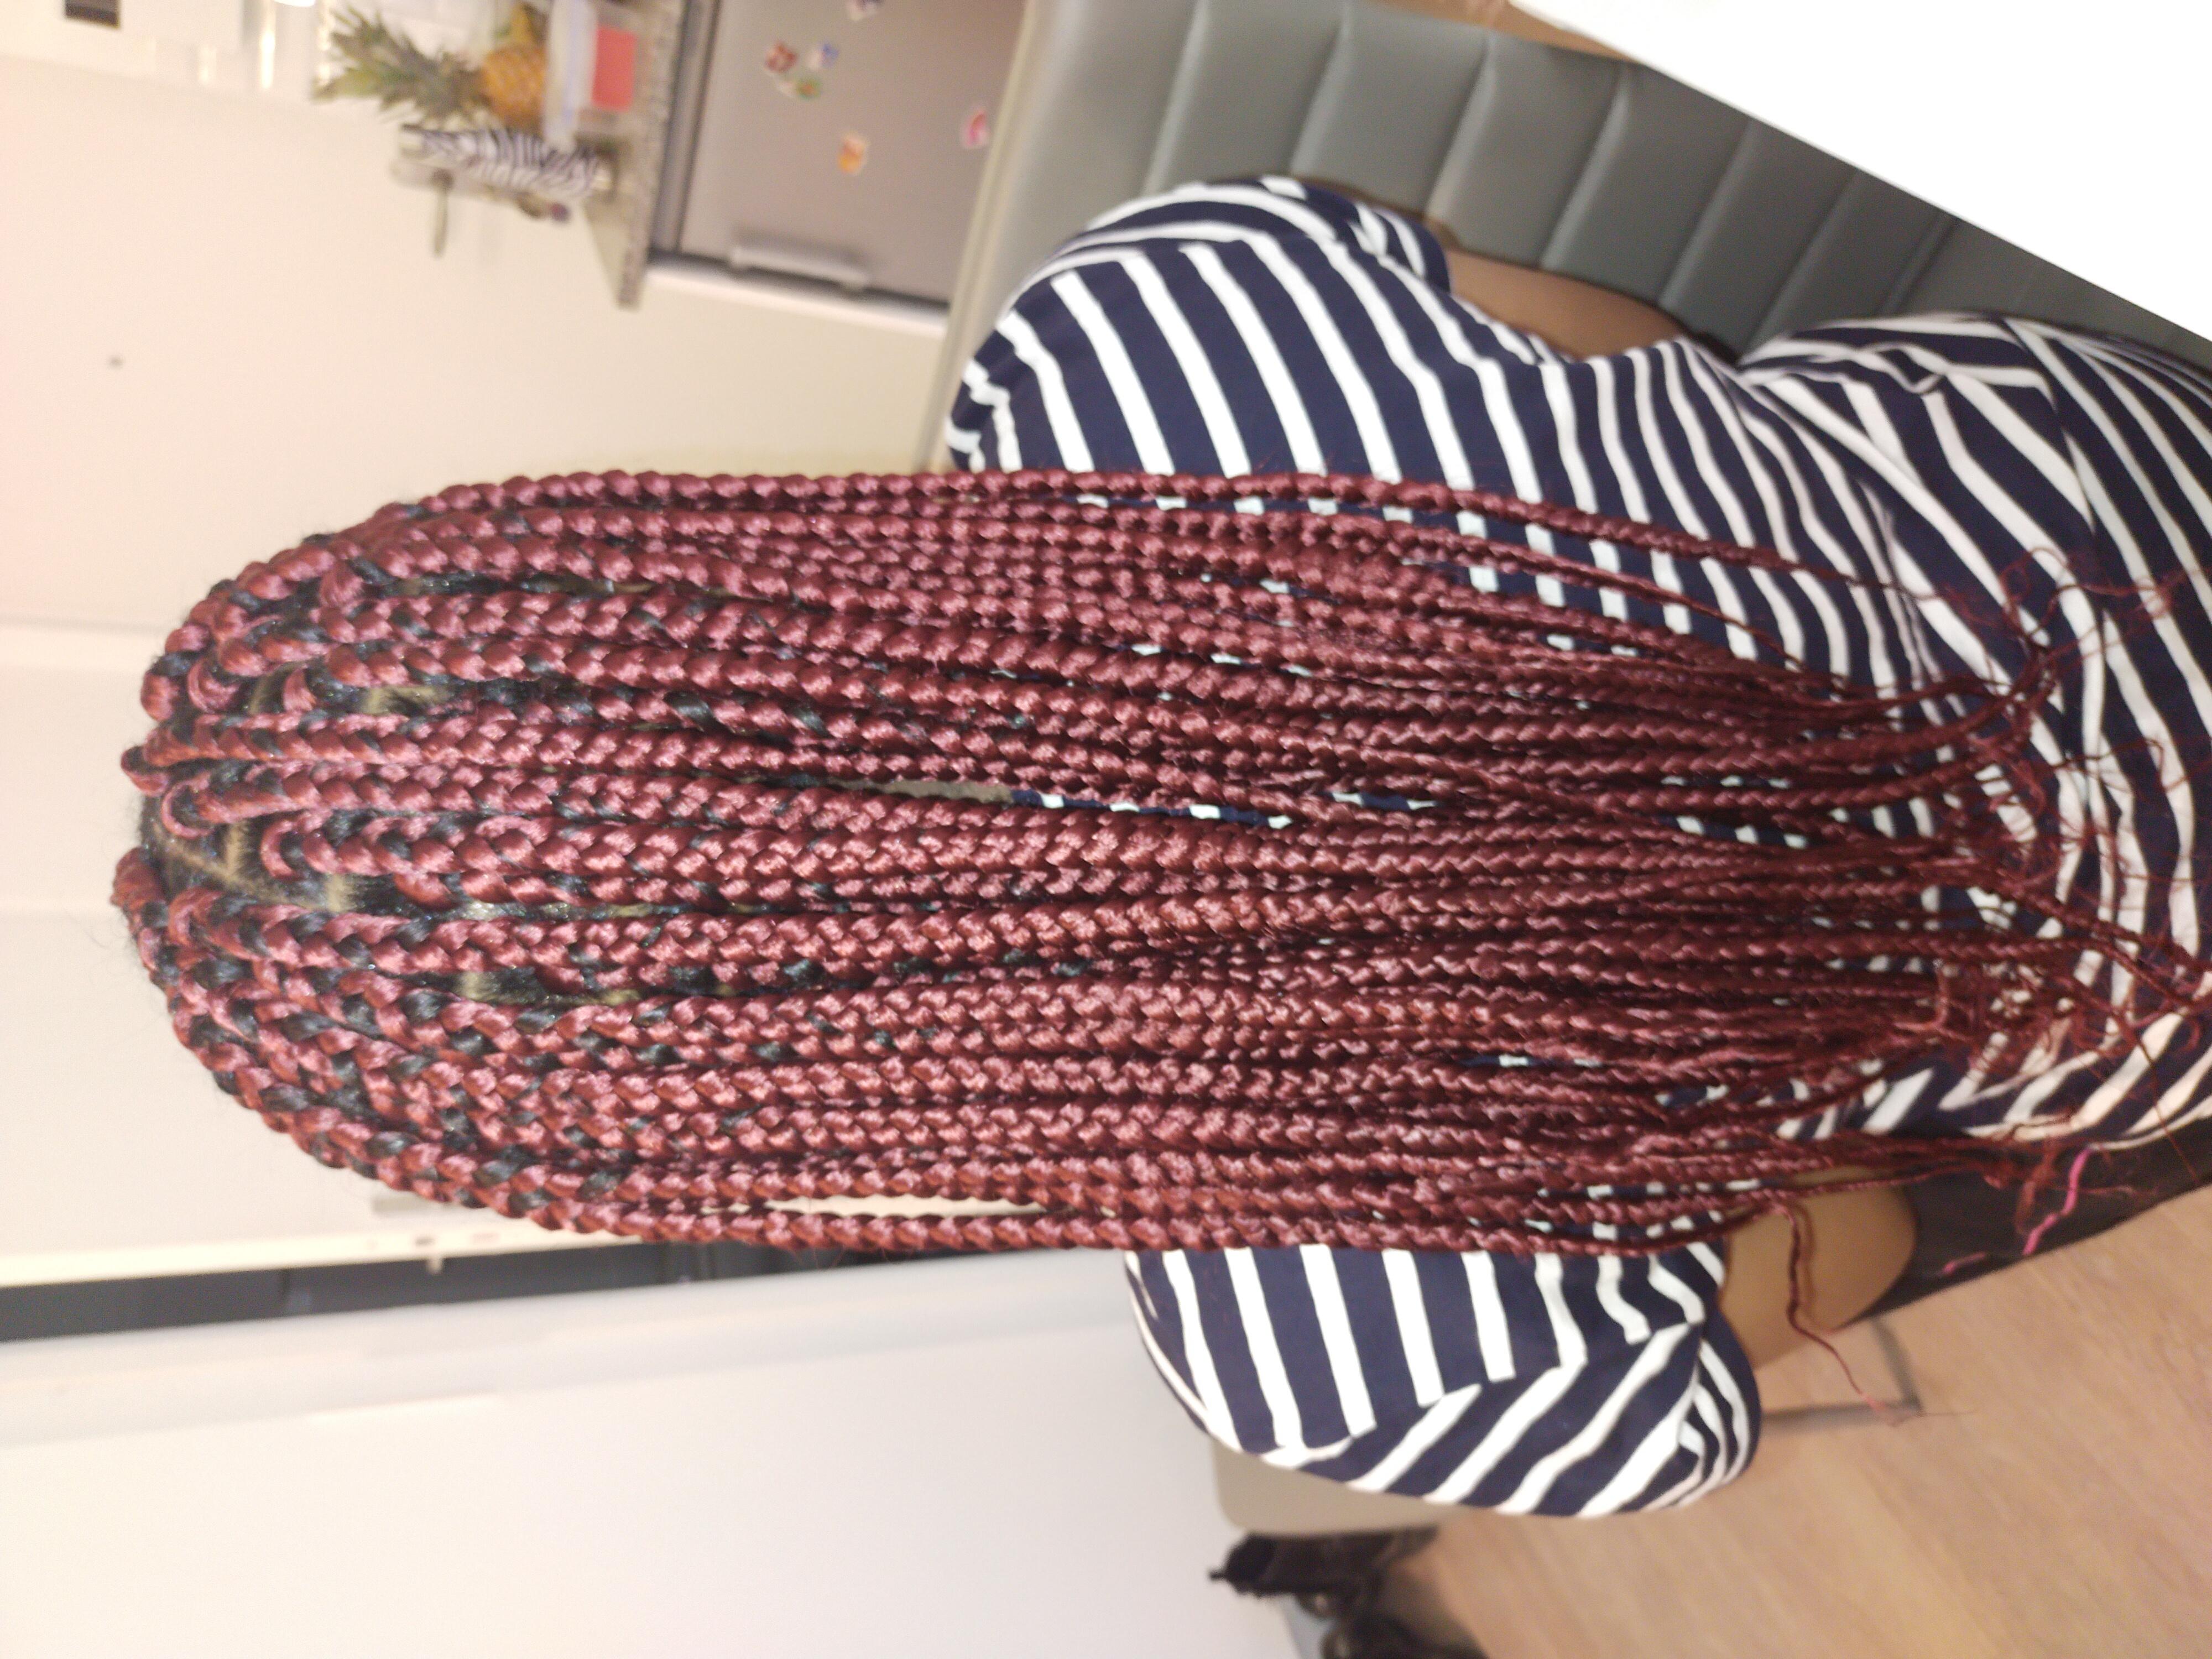 salon de coiffure afro tresse tresses box braids crochet braids vanilles tissages paris 75 77 78 91 92 93 94 95 GNAYWECS